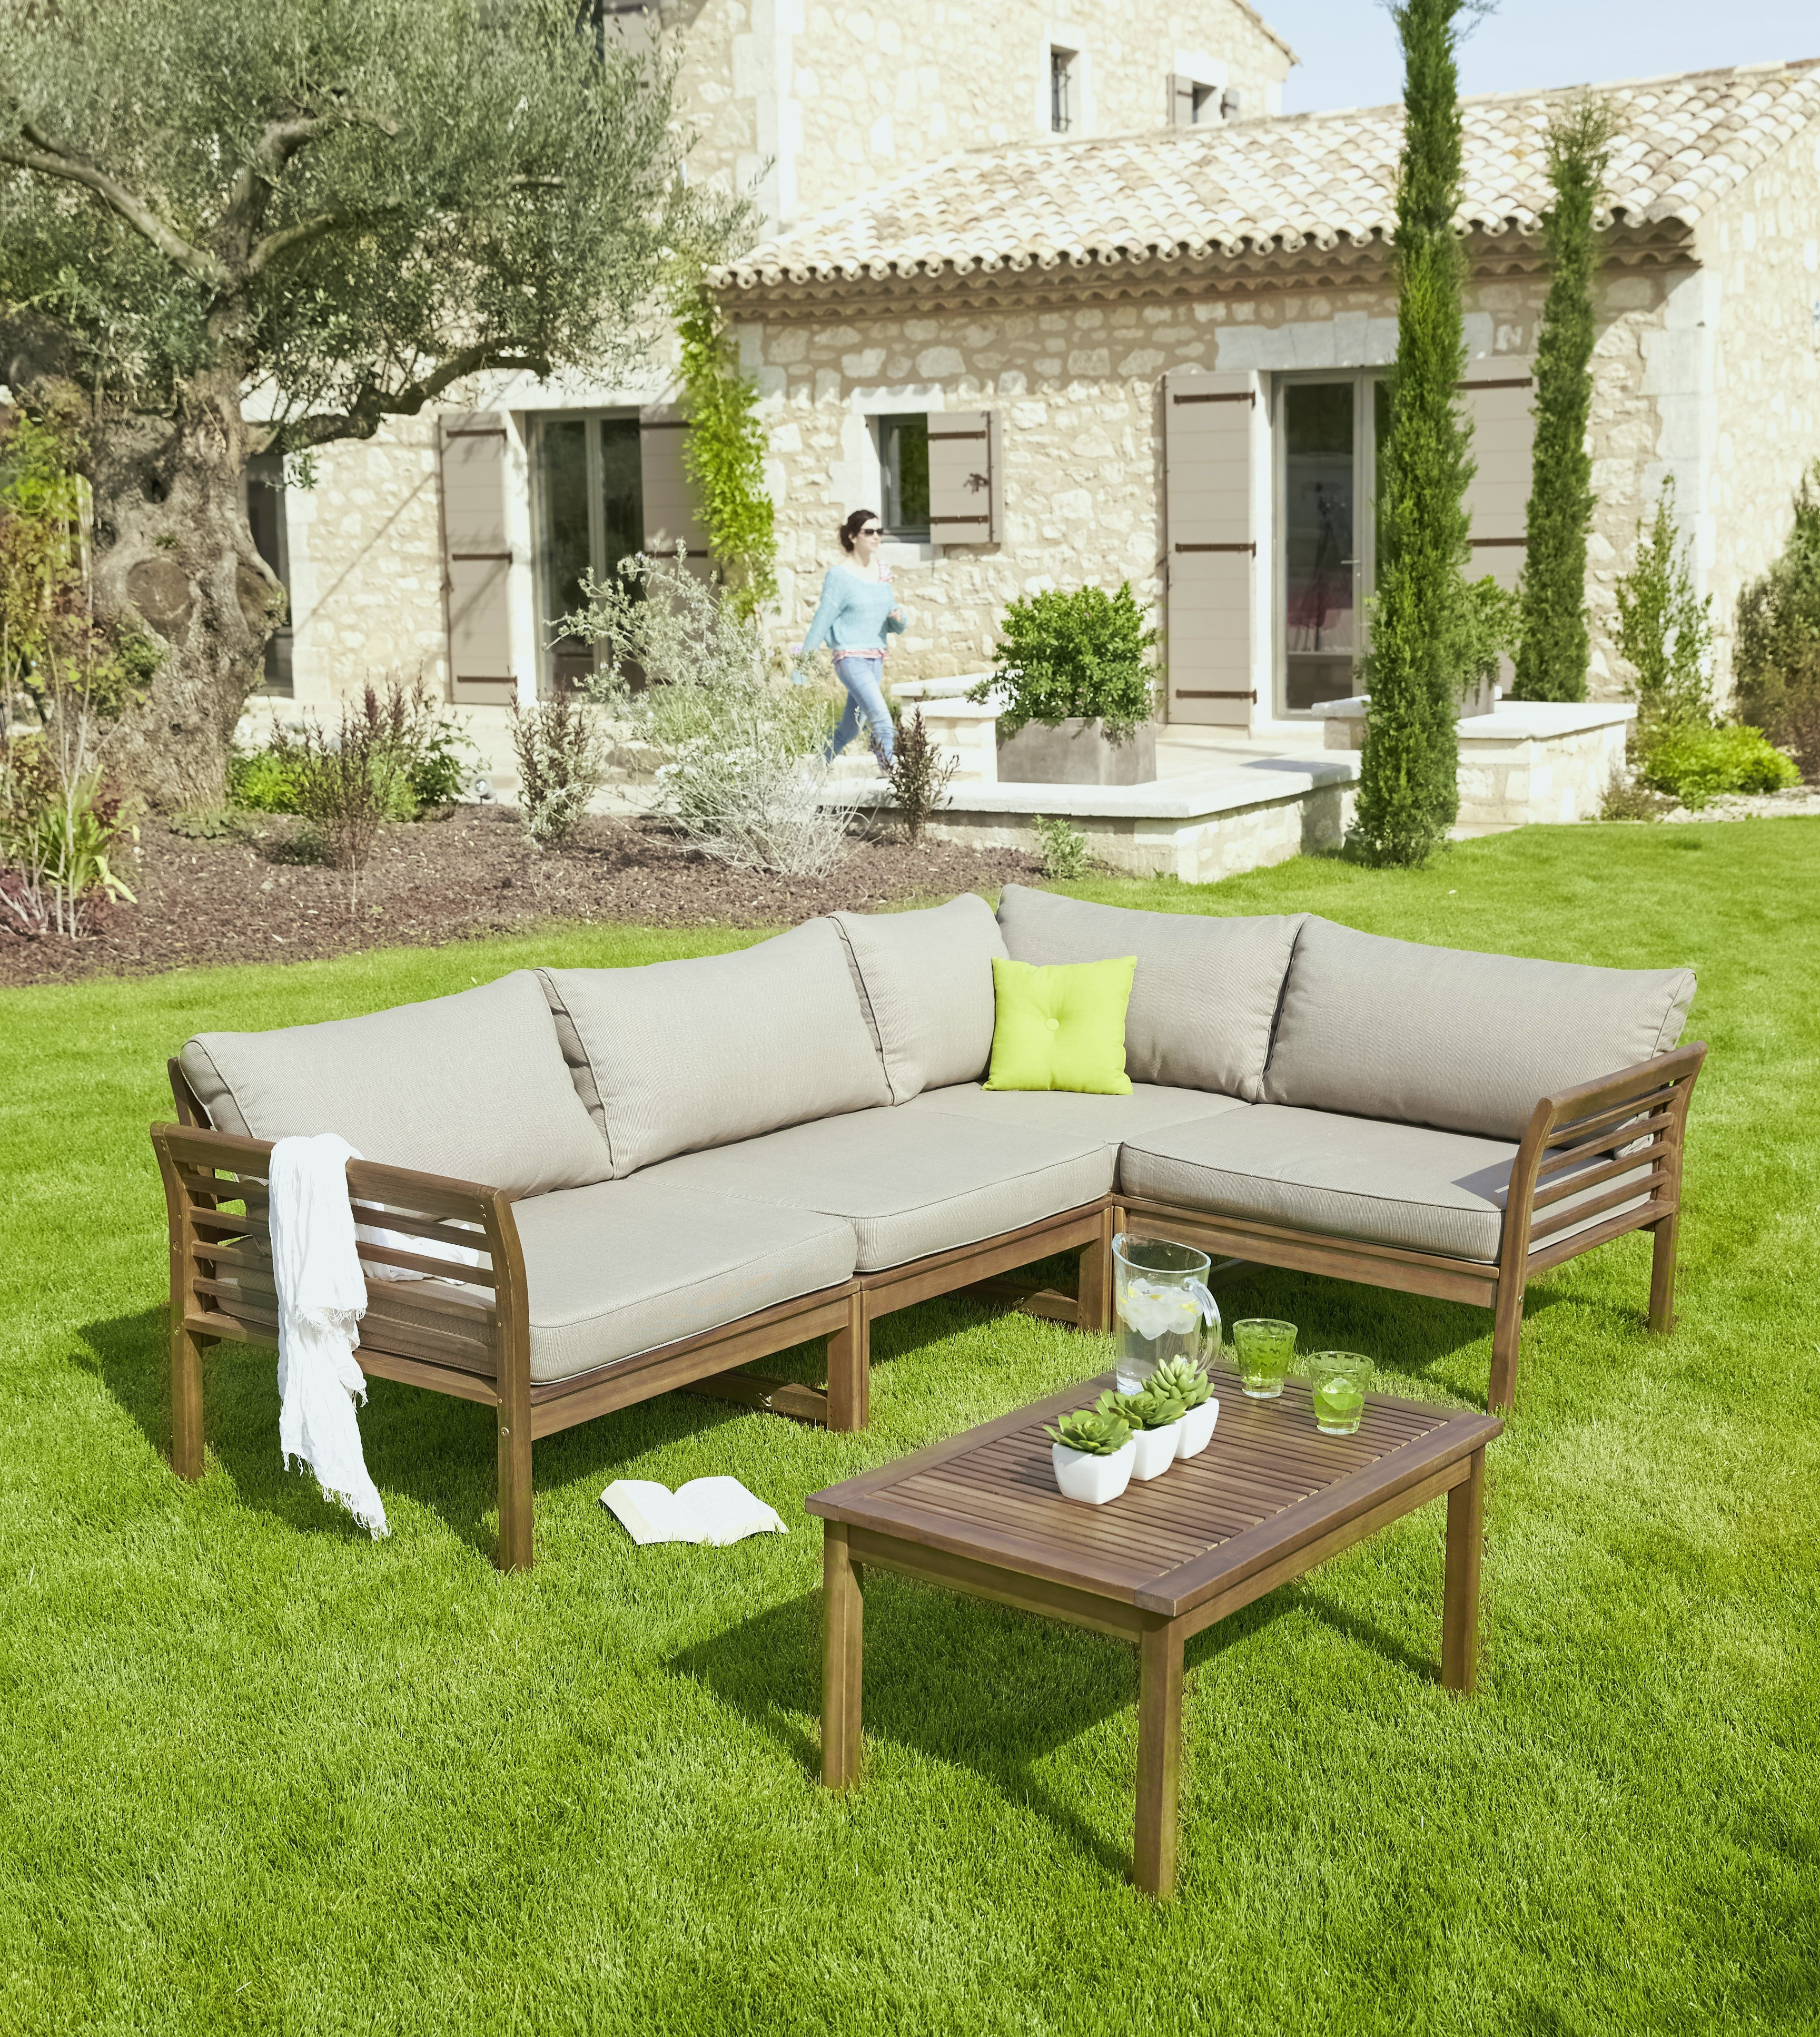 Salon De Jardin Beton. salon de jardin aspect b ton table ...